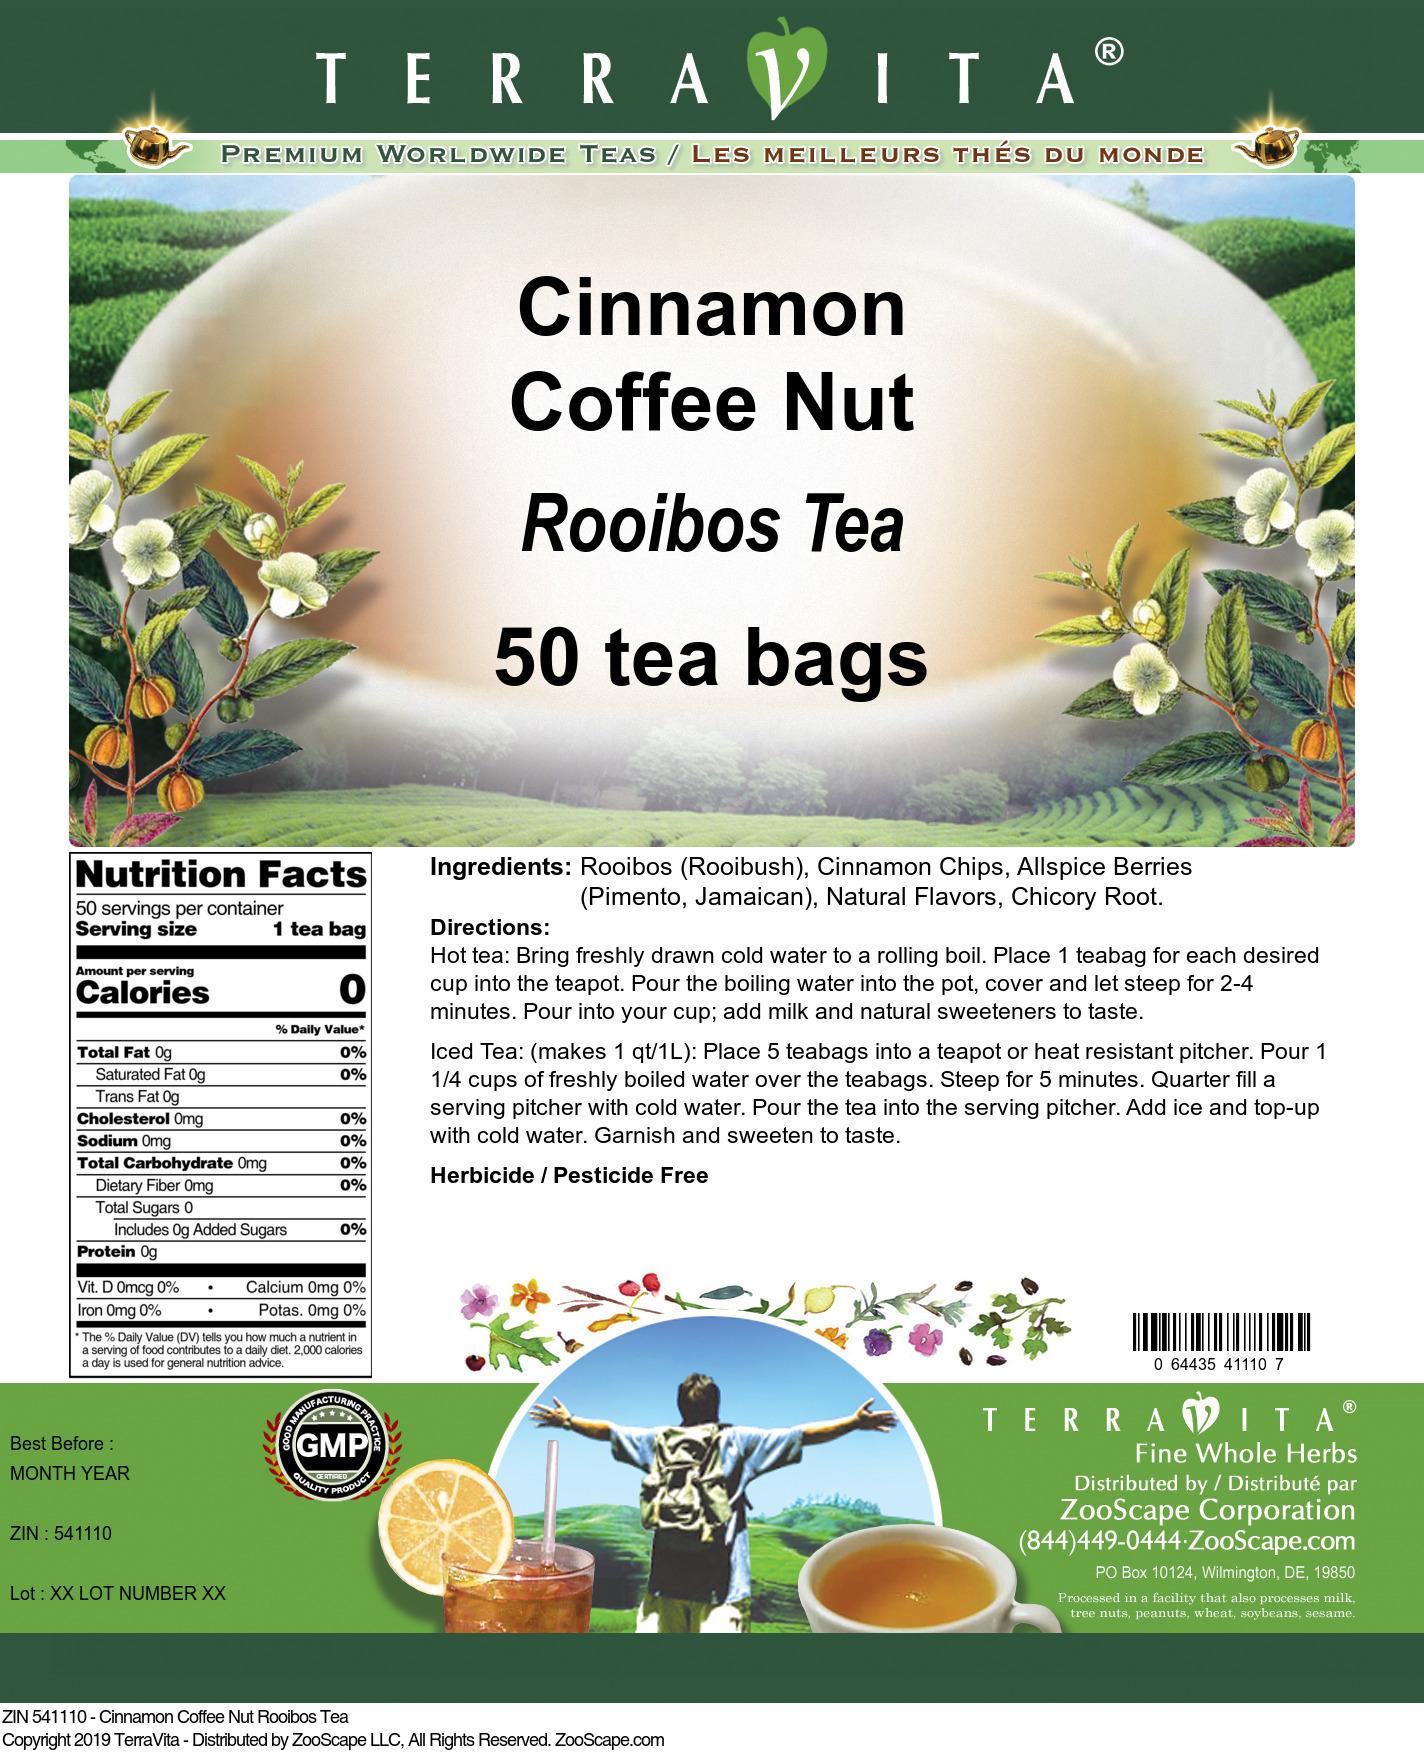 Cinnamon Coffee Nut Rooibos Tea